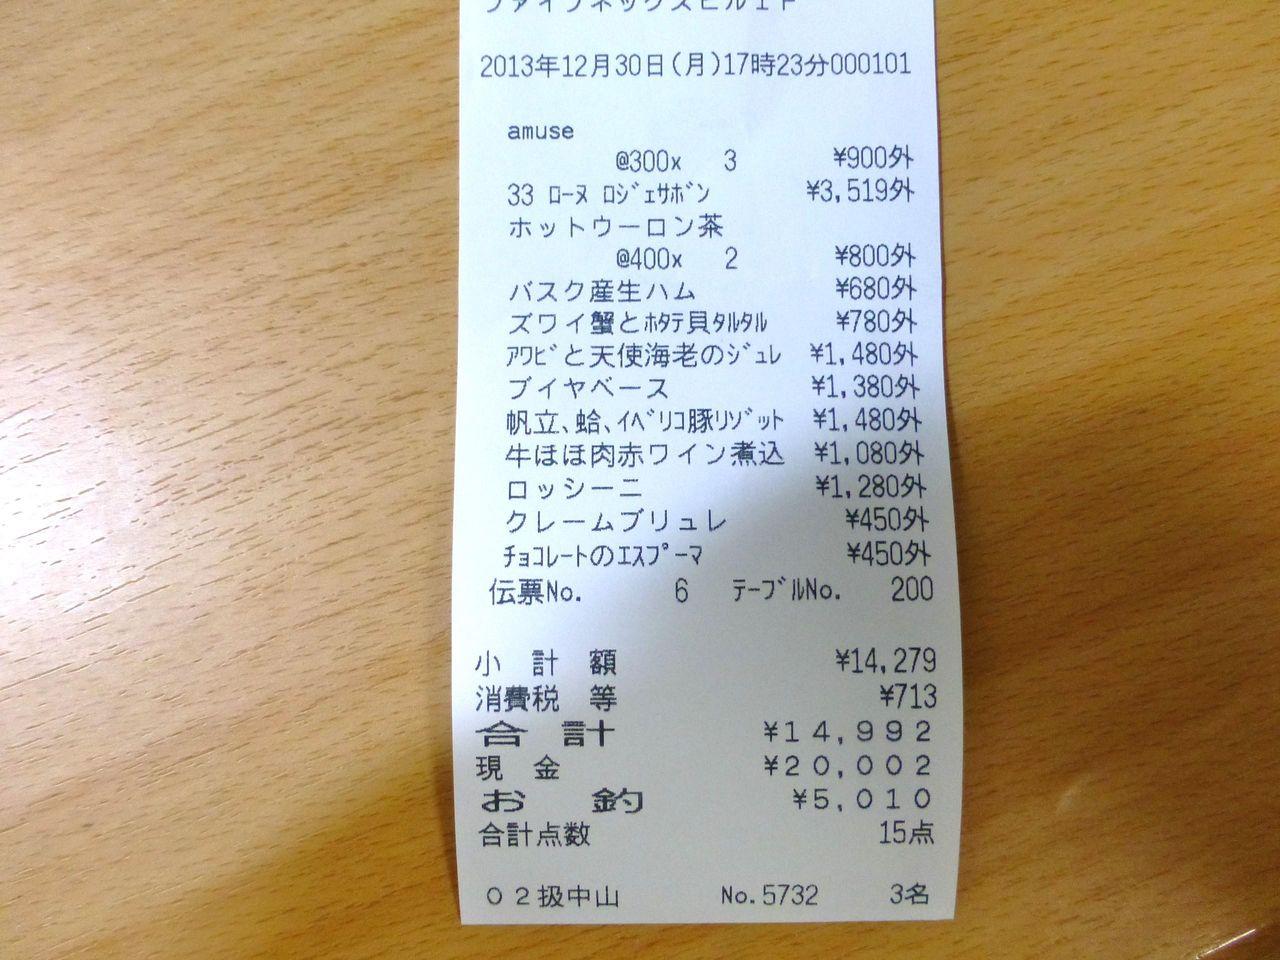 絶品のフレンチを食べつくして、1人約5,000円は安い!